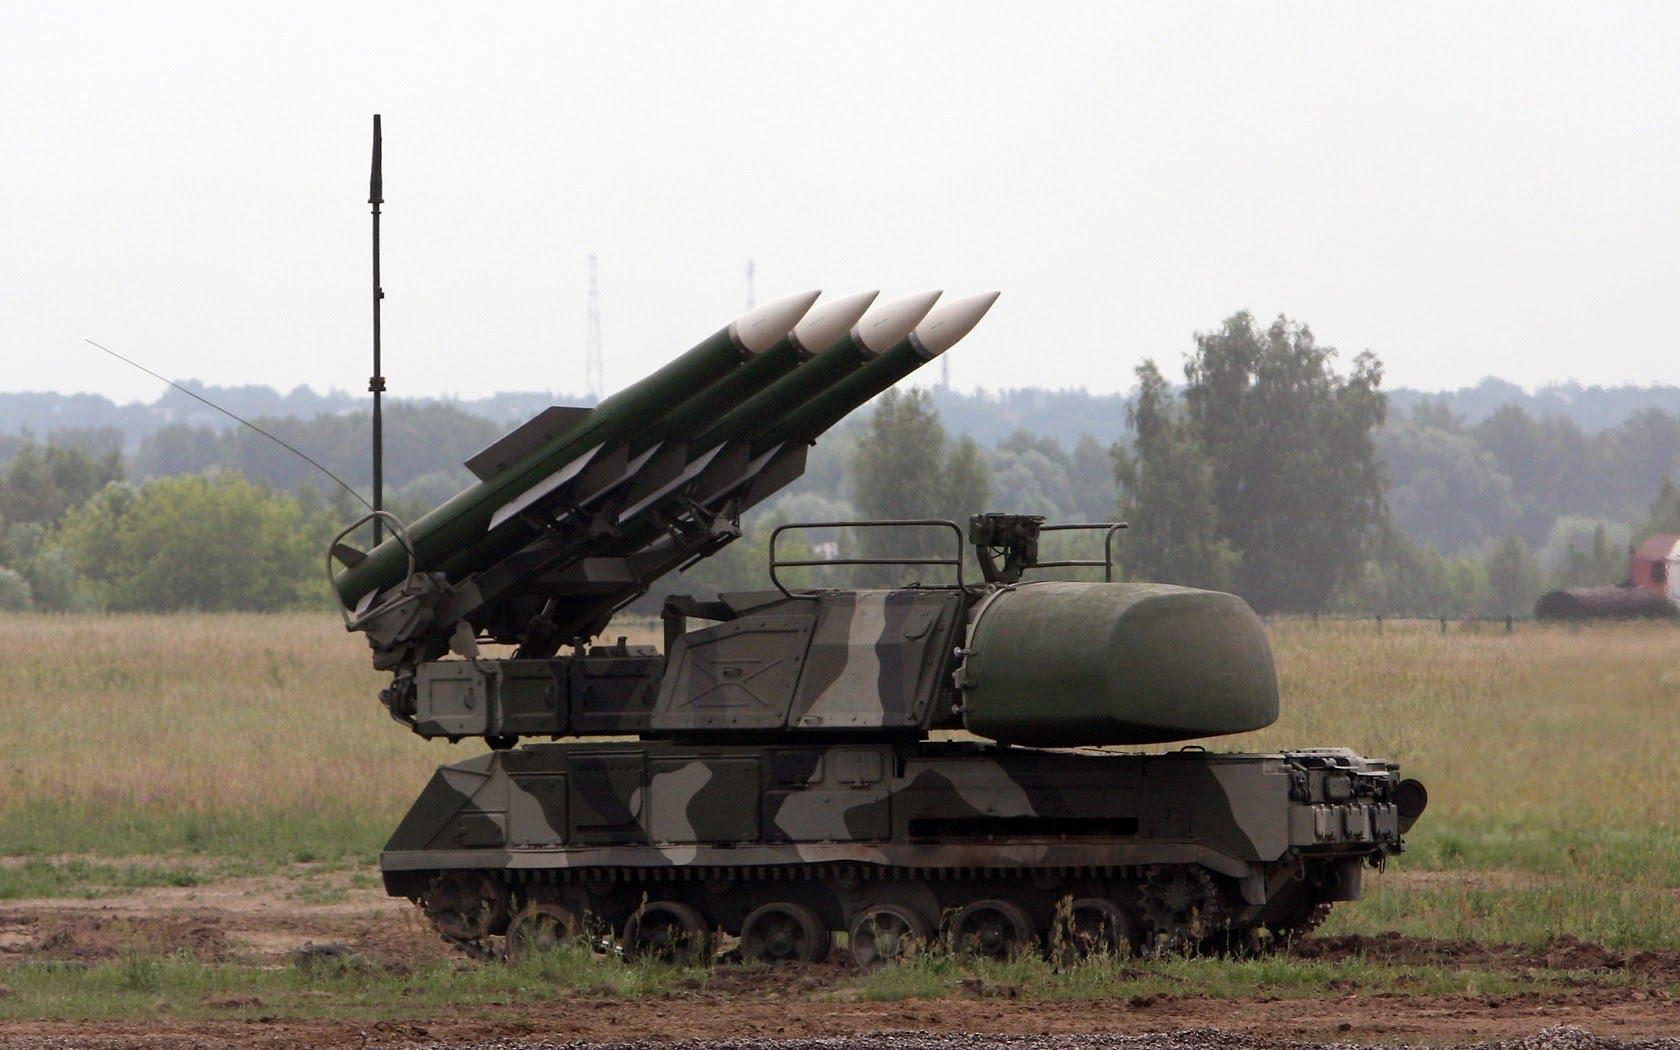 370 единиц военной техники закупило министерство обороны РК в 2020 году